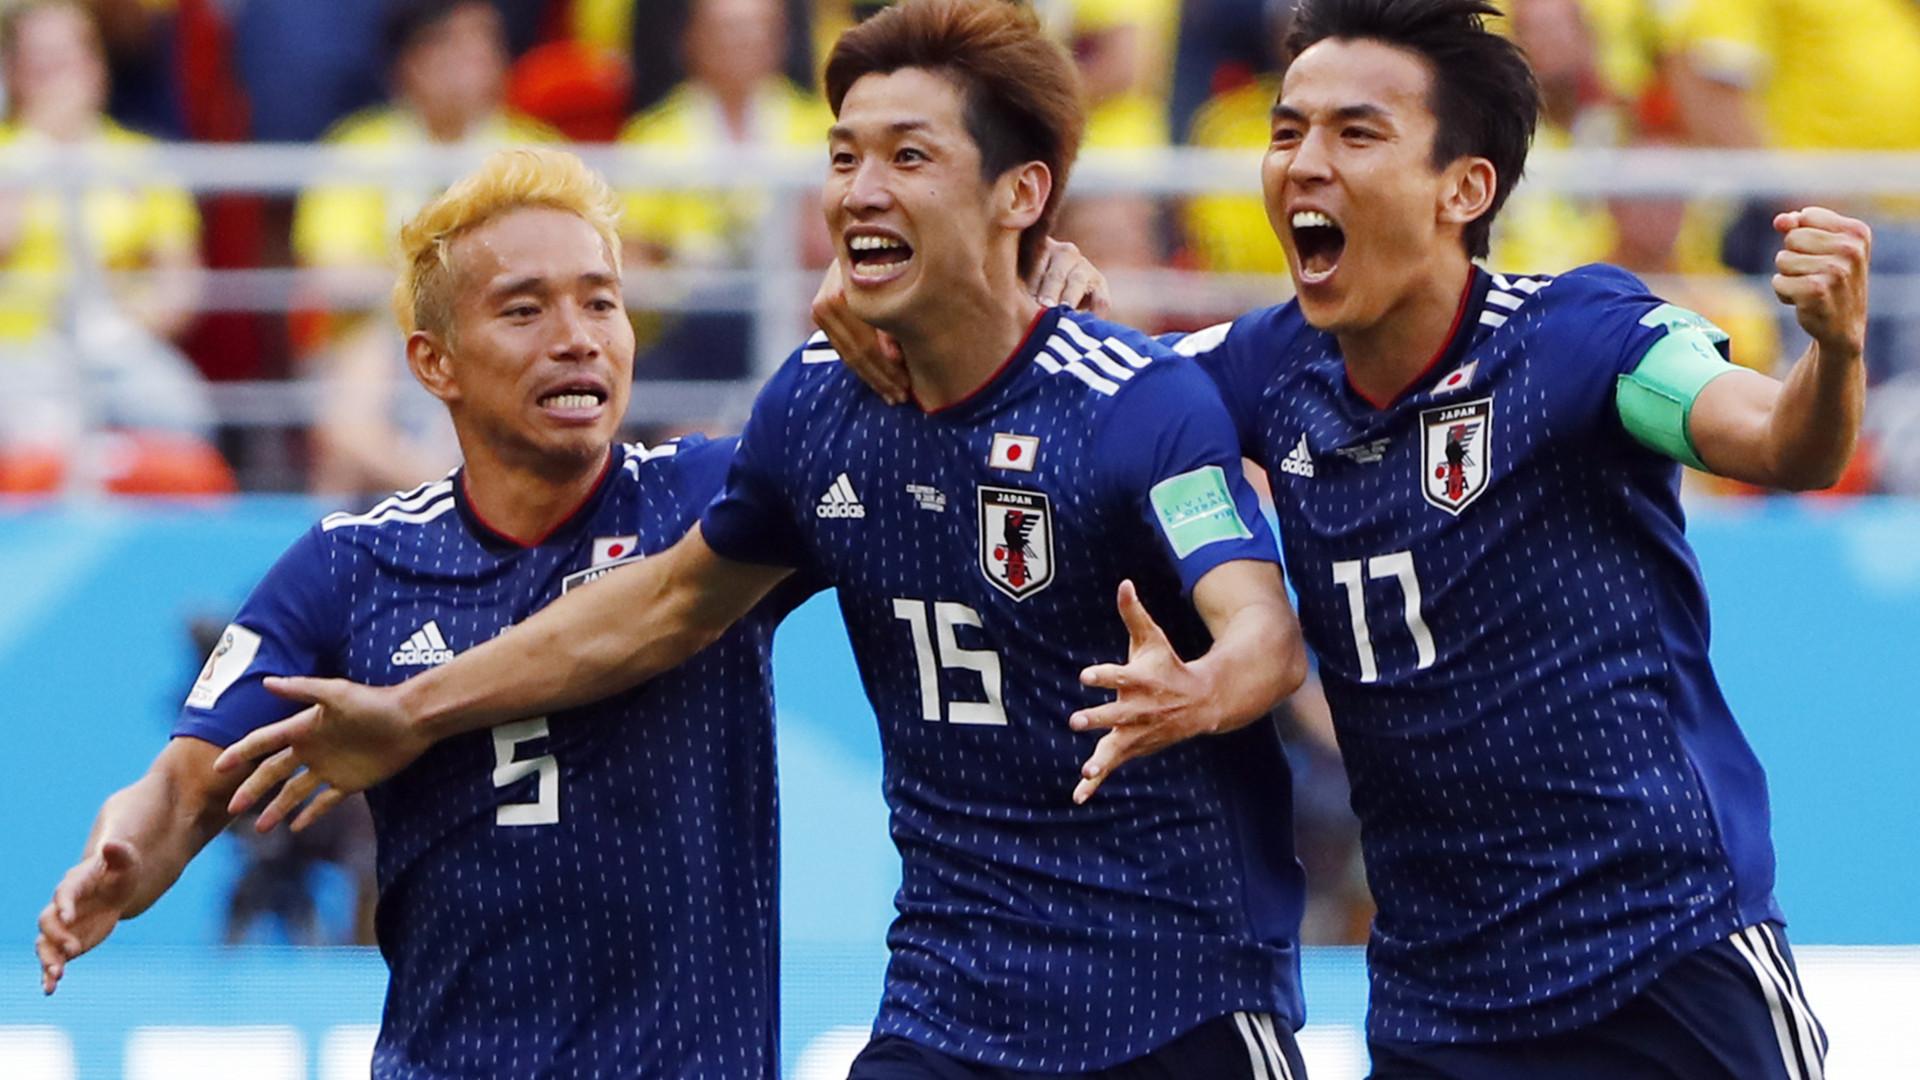 Япония обыграла Колумбию в групповом этапе ЧМ 2018